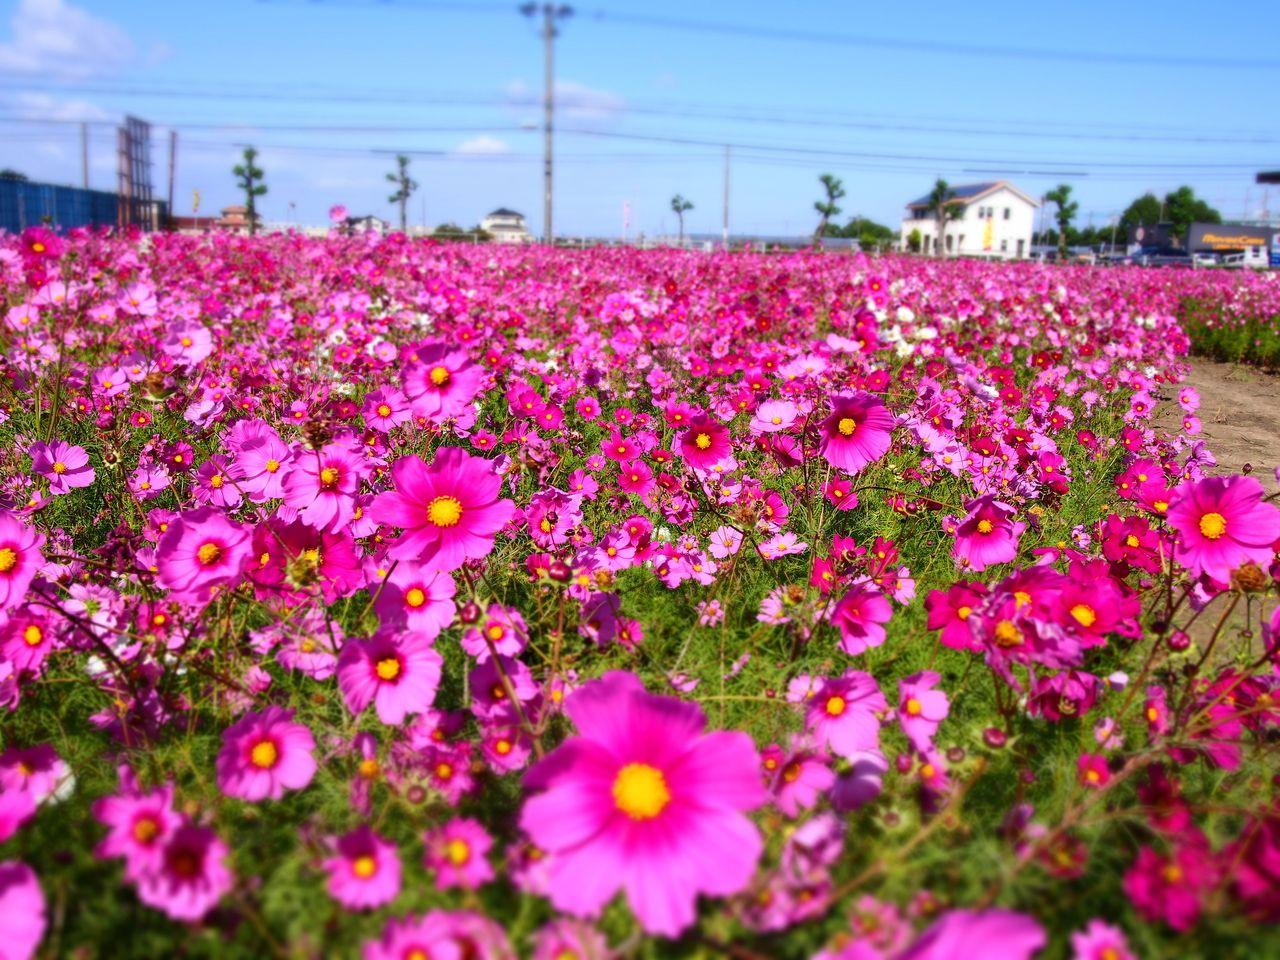 赤松町のコスモス満開!!